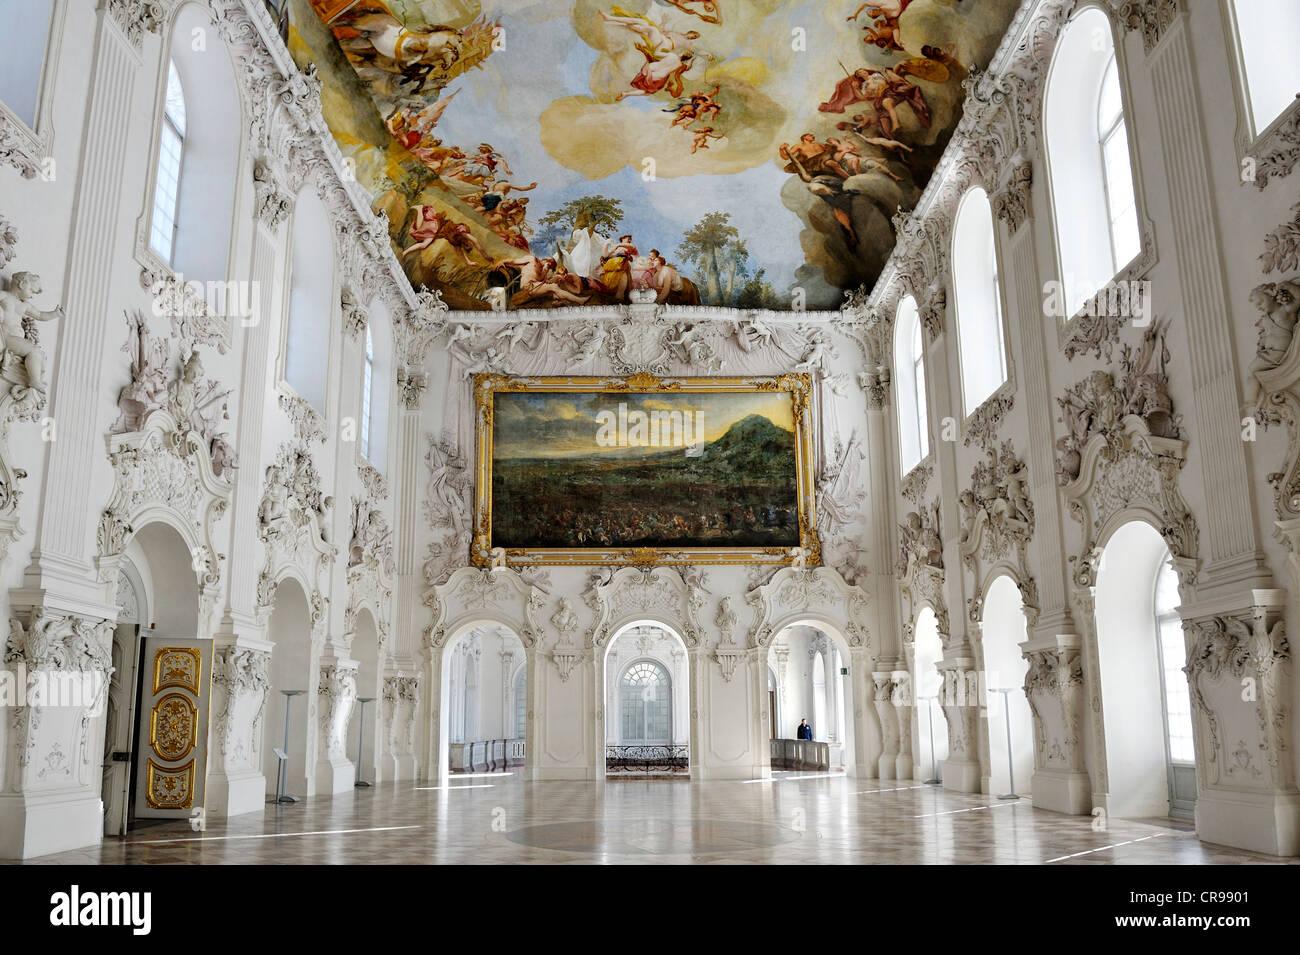 Great Hall First Floor Neues Schloss Schleissheim Palace